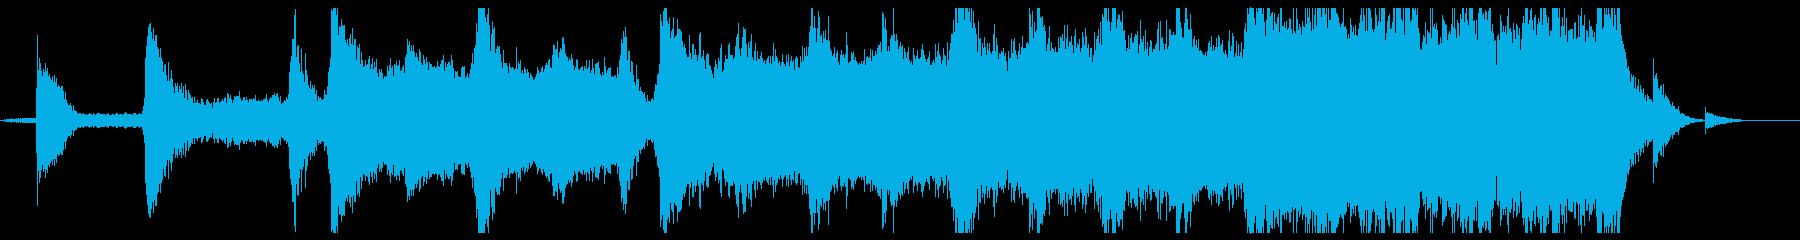 オーケストラシネマティックの再生済みの波形